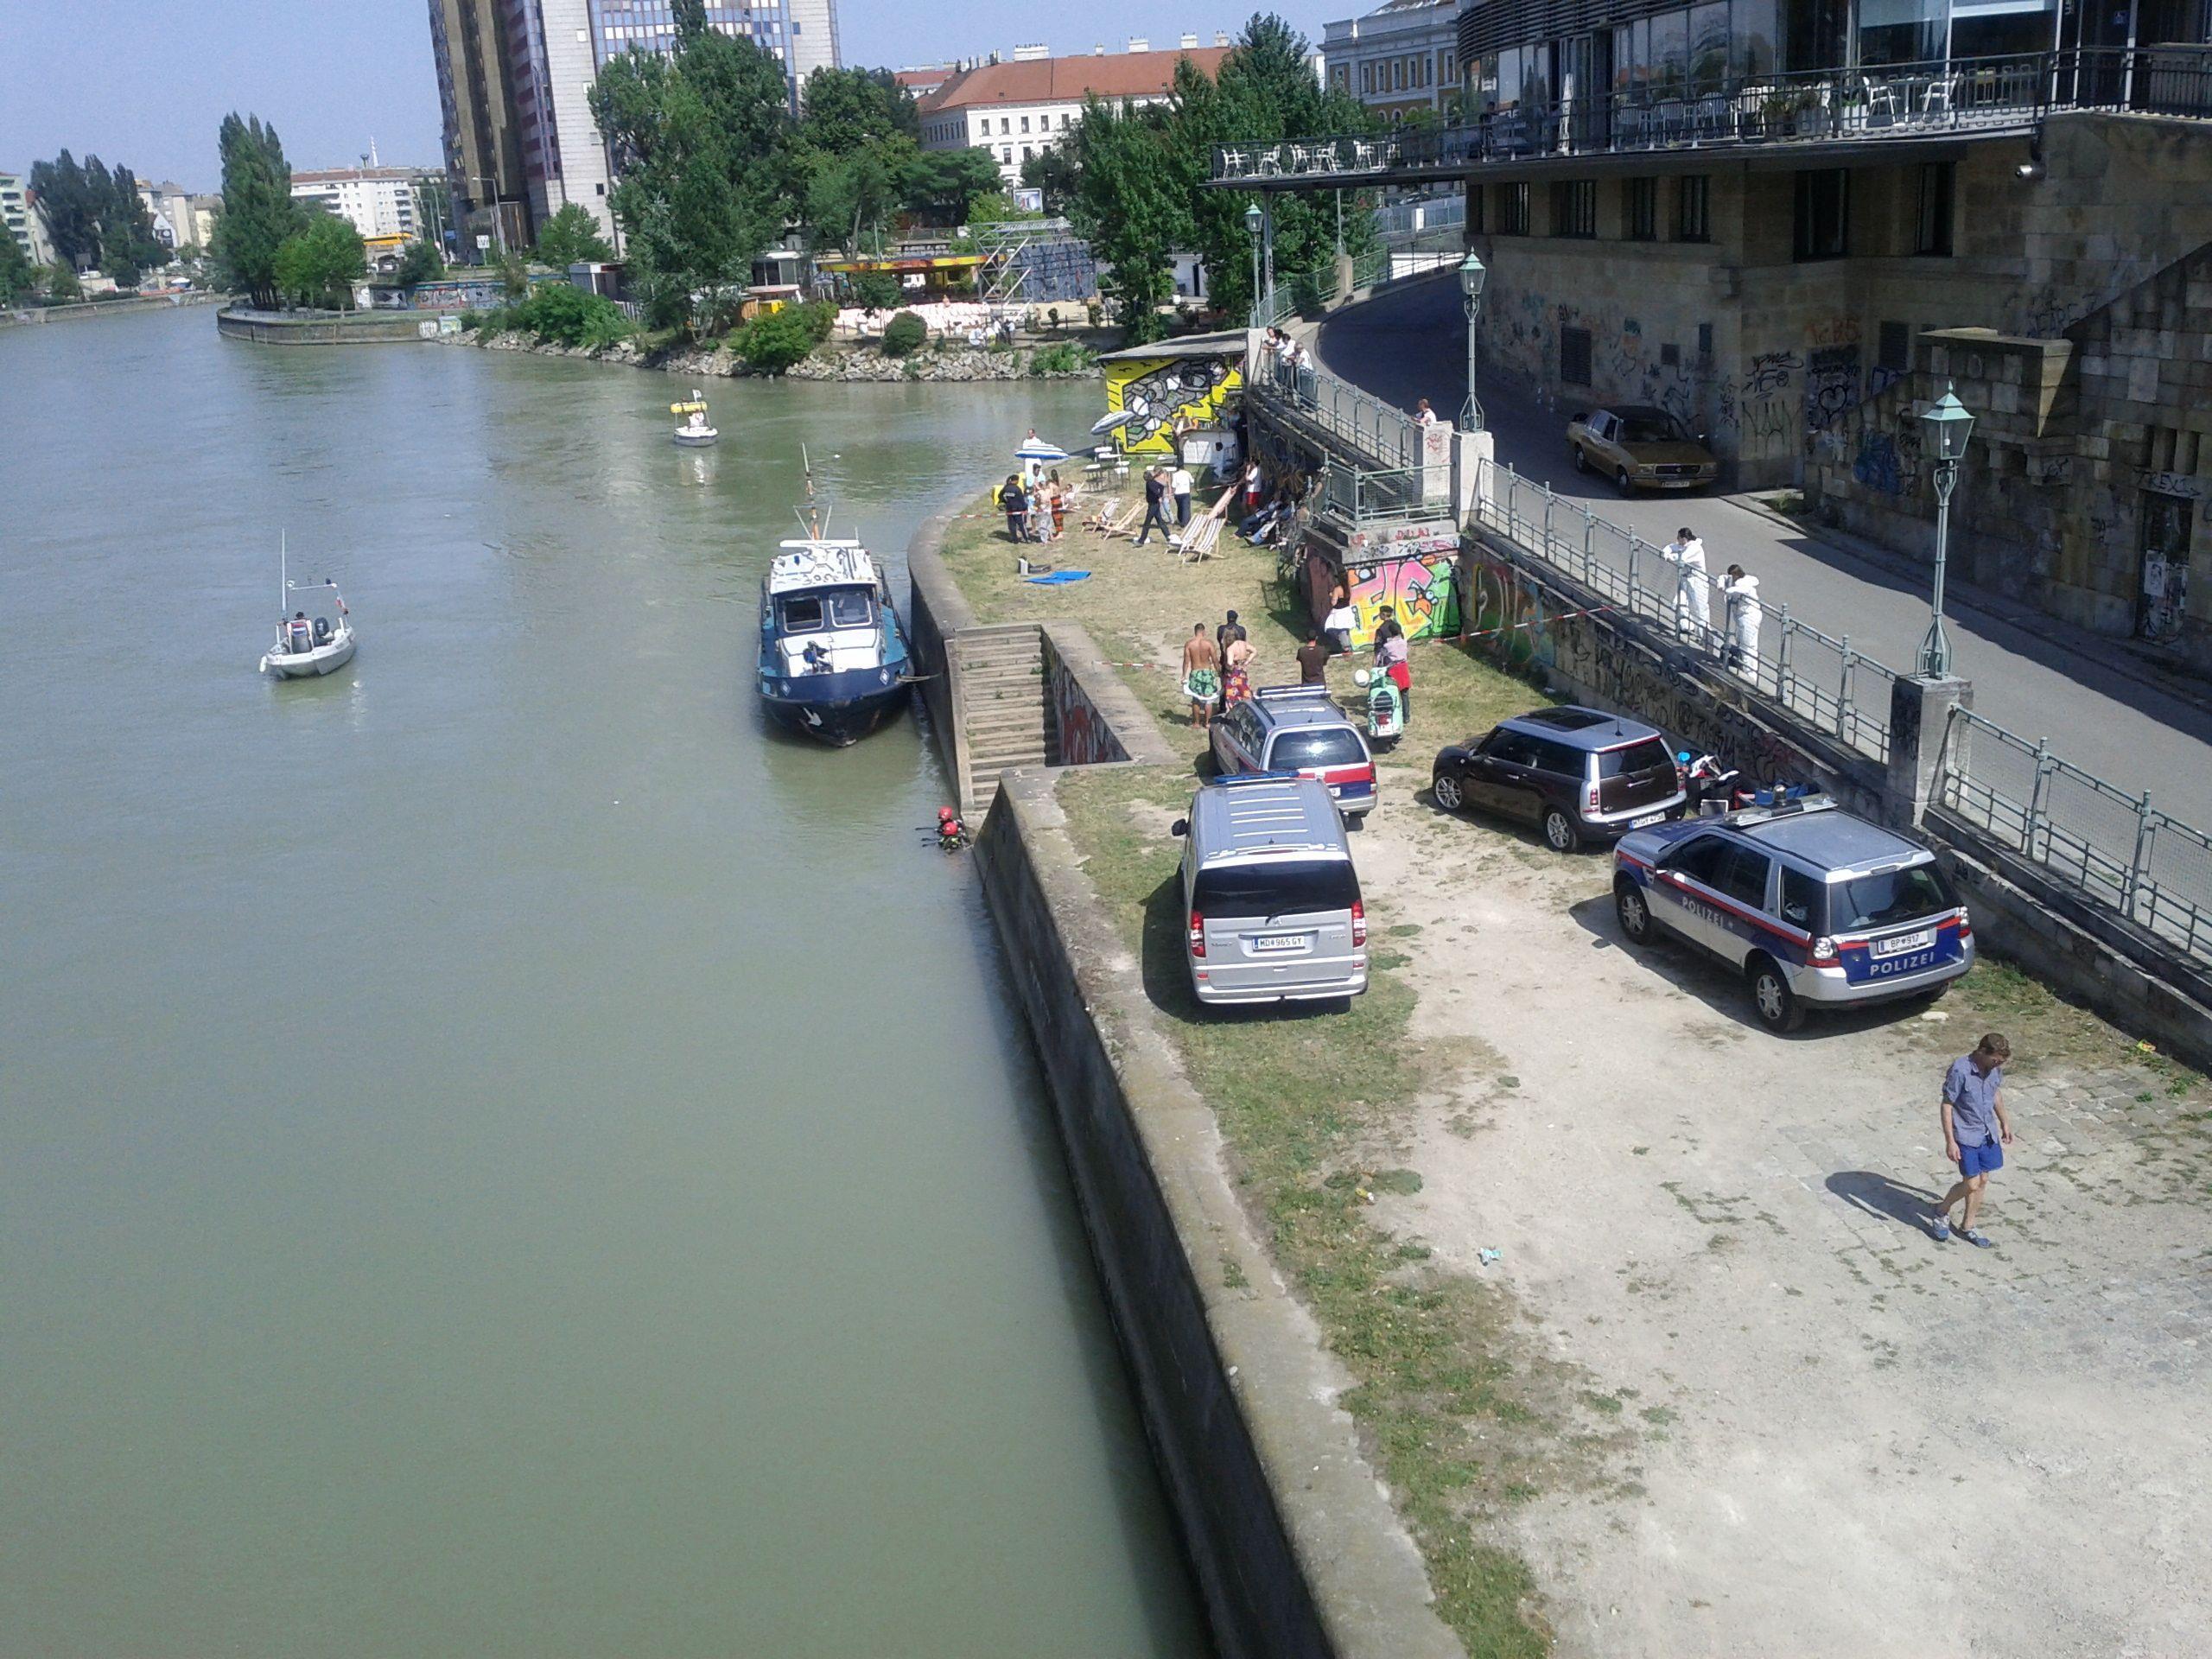 Geheimnisvoller Einsatz am Donaukanal: Deutlich zu sehen die Spurensicherung (rechts) und die Taucher (linksim Wasser)